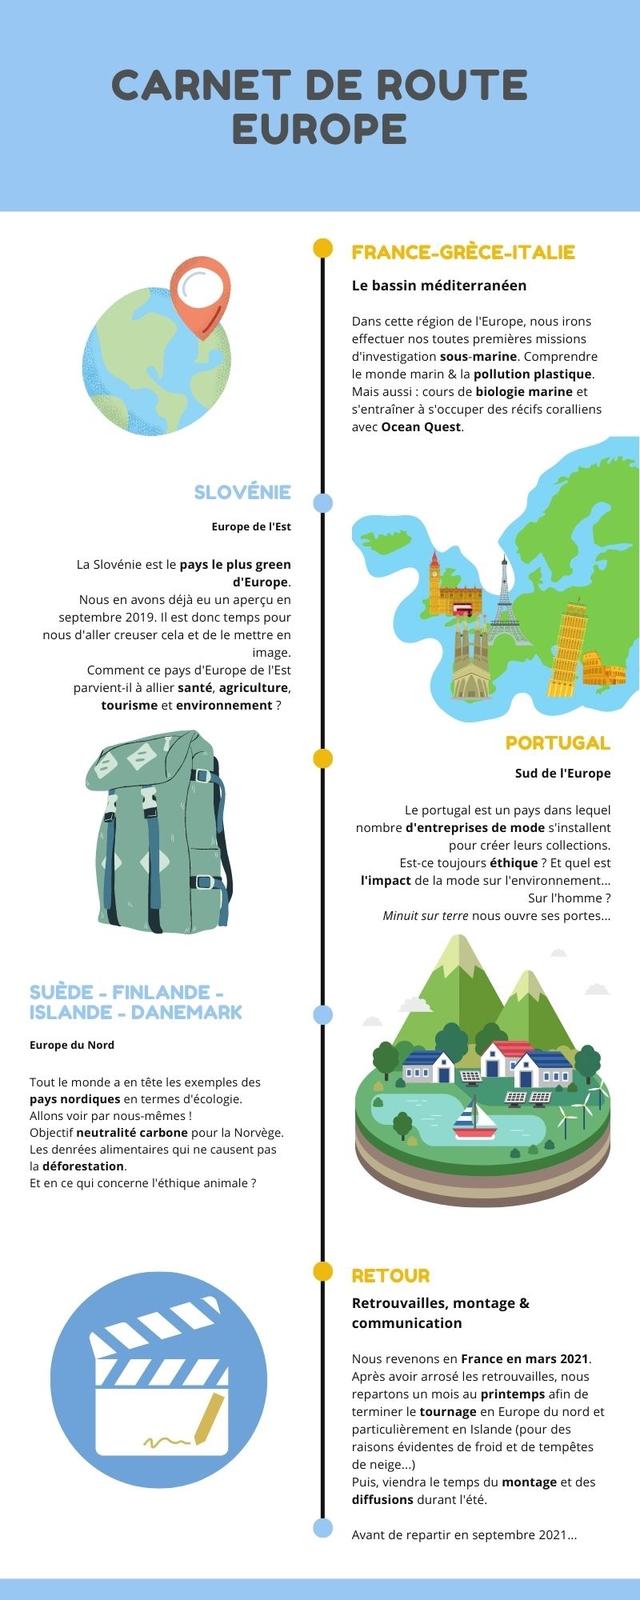 CARNET DE ROUTE EUROPE FRANCE-GRECE-ITALIE Le bassin mediterraneen Dans cette region de I'Europe, nous irons effectuer nos toutes premieres missions d'investigation sous-marine. Comprendre le monde marin & la pollution plastique. Mais aussi cours de biologie marine et S'entrainer a s'occuper des recifs coralliens avec Ocean Quest. SLOVENIE Europe de I'Est La Slovenie est le pays le plus green d'Europe Nous en avons deja eu un apercu en septembre 2019. est donc temps pour nous d'aller creuser cela et de le mettre en image. Comment ce pays d'Europe de I'Est parvient-i a allier sante, agriculture, tourisme et environnement PORTUGAL Sud de I'Europe Le portugal est un pays dans lequel nombre d'entreprises de mode S'installent pour creer leurs collections. Est-ce toujours ethique ? Et quel est Timpact de la mode sur I'environnement.. Sur I'homme ? Minuit sur terre nous ouvre ses portes.. SUEDE FINLANDE ISLANDE DANEMARK Europe du Nord Tout le monde a en tete les exemples des pays nordiques en termes d'ecologie. Allons voir par nous-memes Objectif neutralite carbone pour la Norvege. Les denrees alimentaires qui ne causent pas la deforestation. Et en ce qui concerne T'ethique animale ? RETOUR Retrouvailles montage & communication Nous revenons en France en mars 2021. Apres avoir arrose les retrouvailles, nous repartons un mois au printemps afin de terminer le tournage en Europe du nord et particulierement en Islande (pour des raisons evidentes de froid et de tempetes de neige...) Puis, viendra le temps du montage et des diffusions durant I'ete. Avant de repartir en septembre 2021